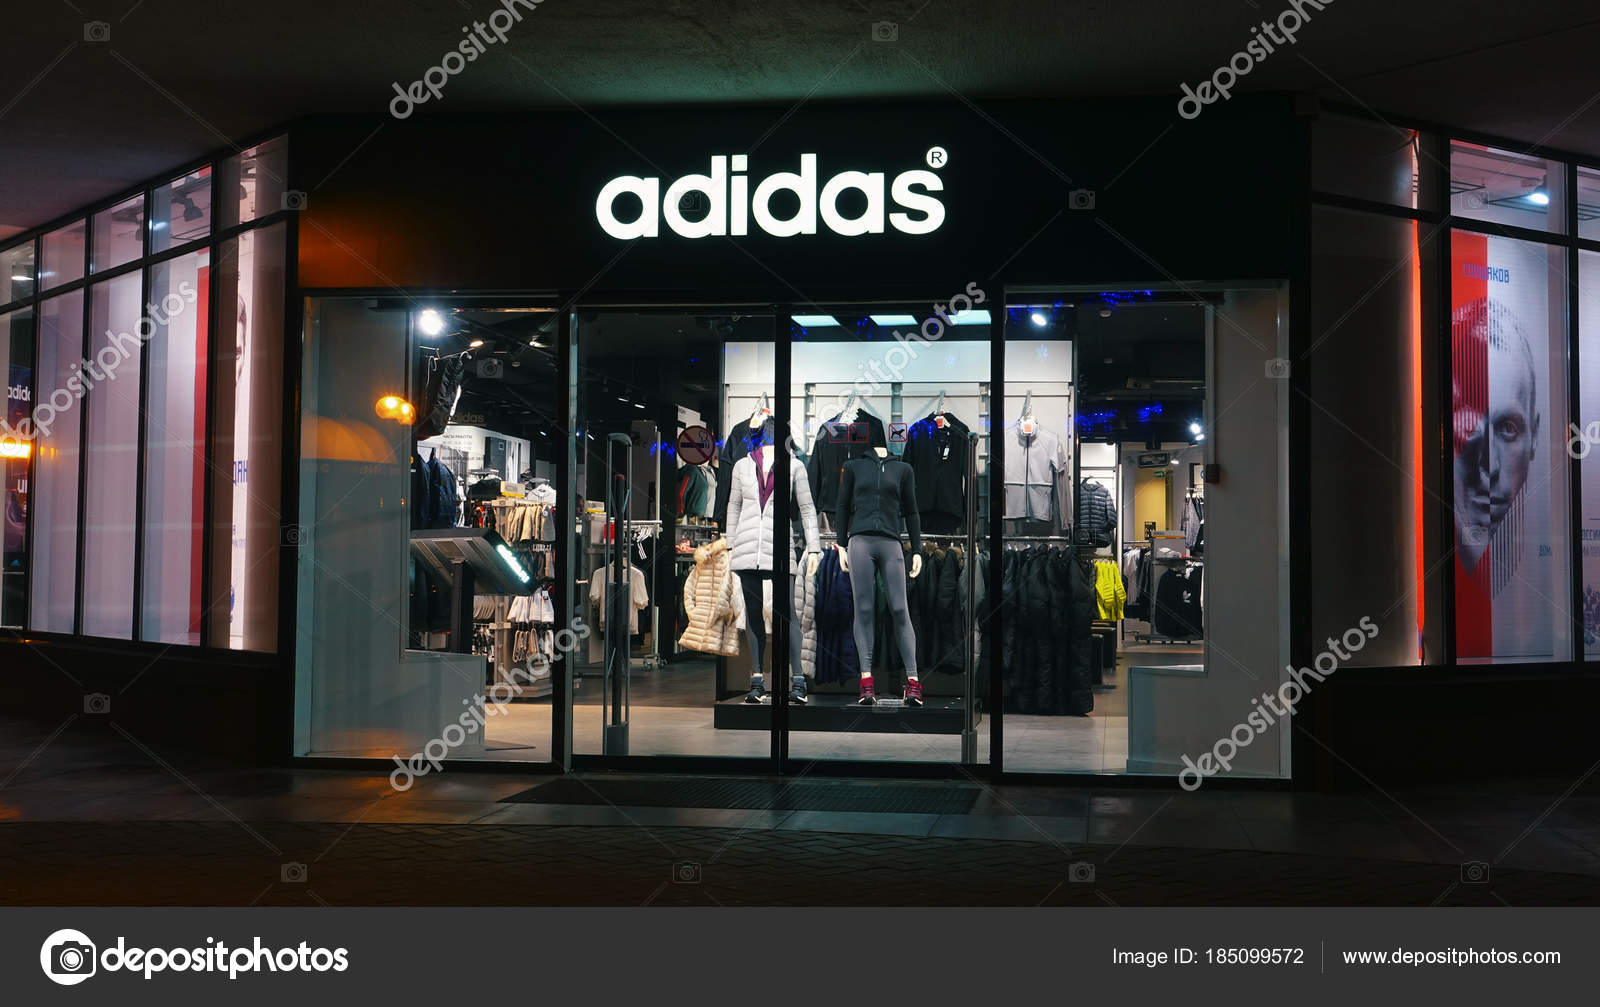 e95b7afbce6c4 Adidas loja à noite na cidade — Fotografia de Stock Editorial ...